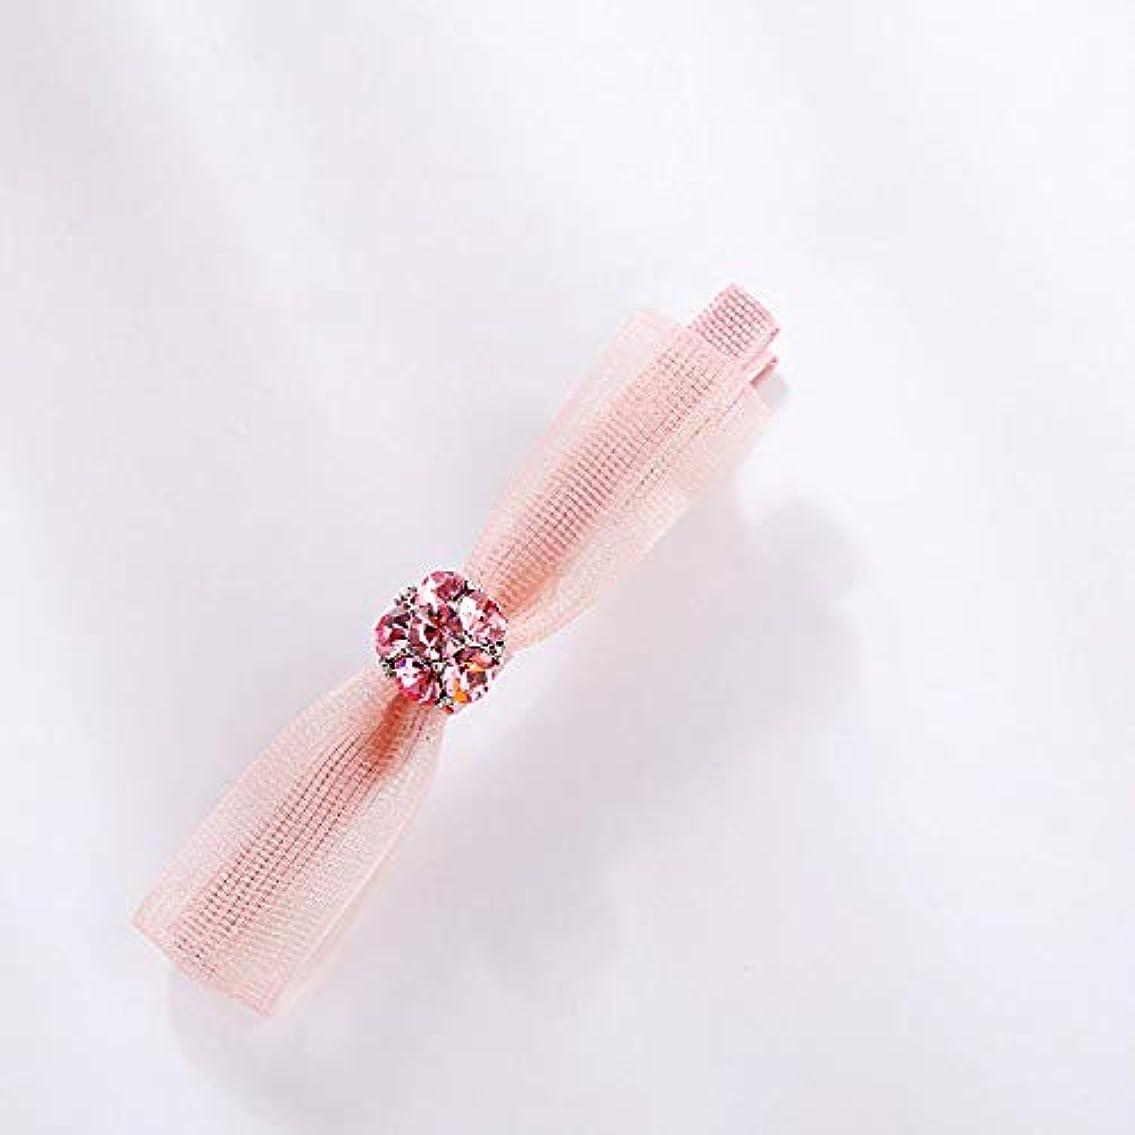 コマースオートマトン誤解を招くHuaQingPiJu-JP ファッションロゼットヘアピン便利なヘアクリップ女性の結婚式のアクセサリー(ピンク)